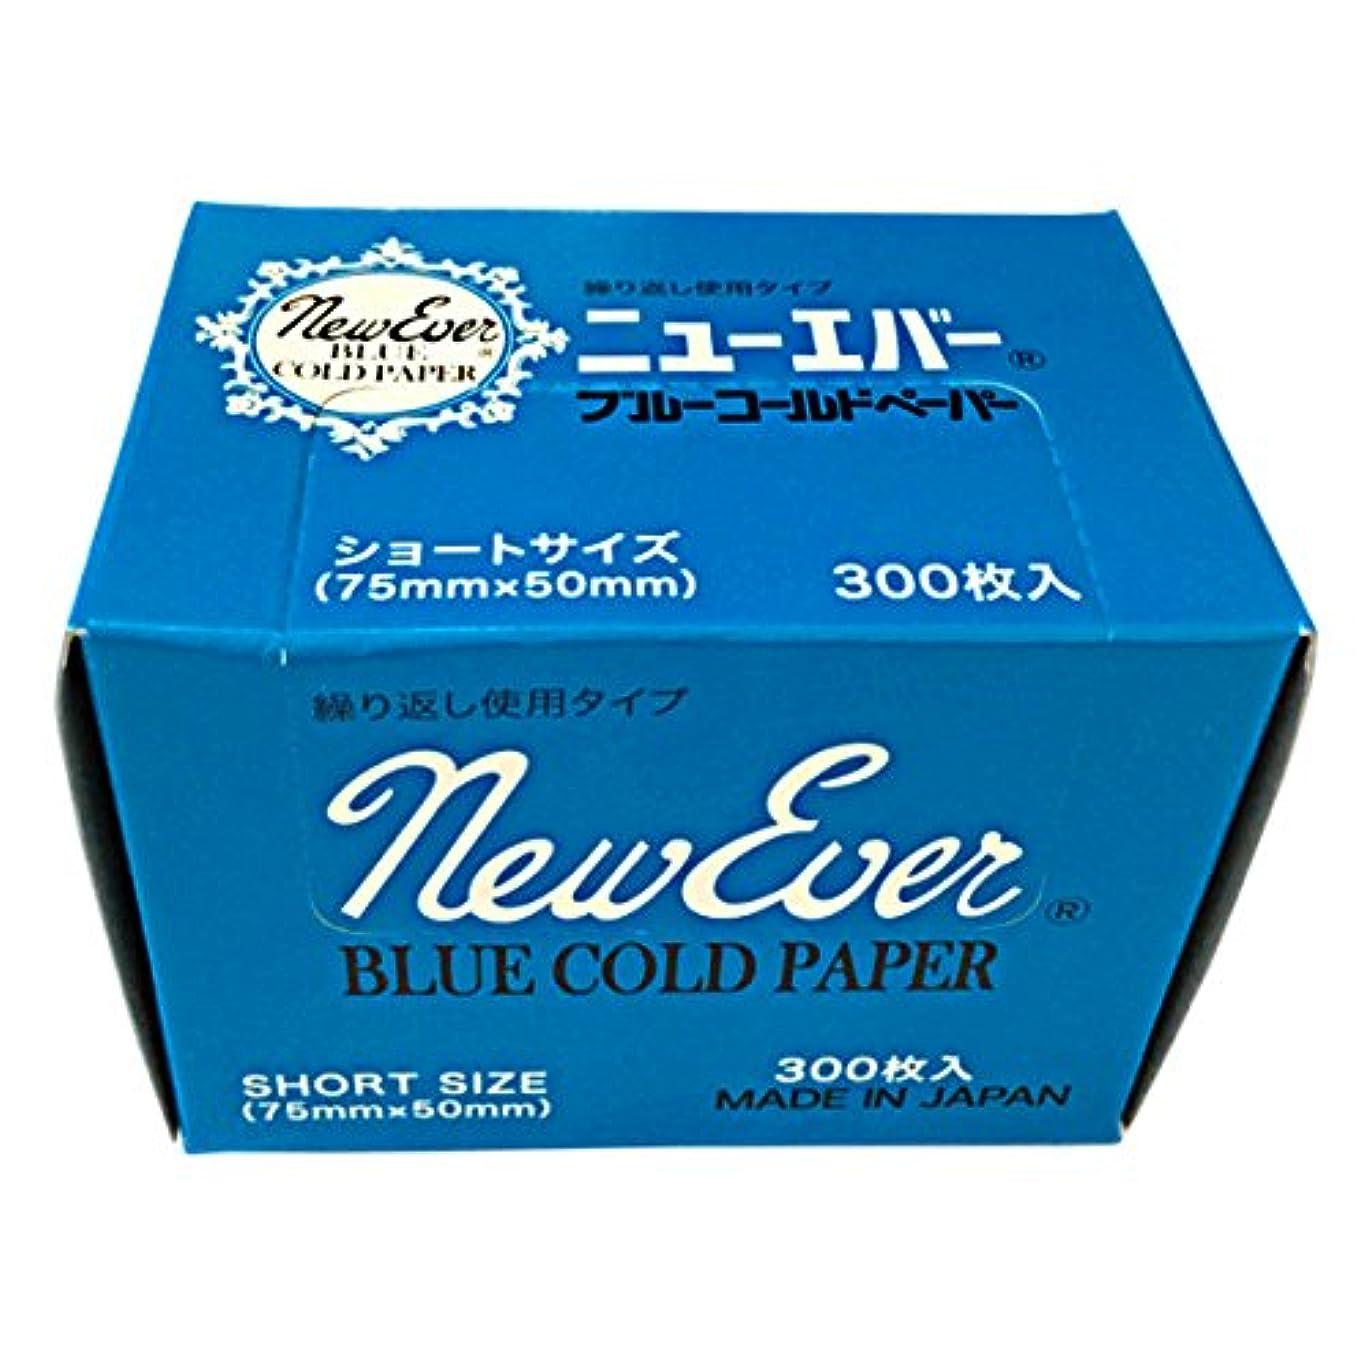 メイトサイクル変化するニューエバー ショートP 300枚 ブルー